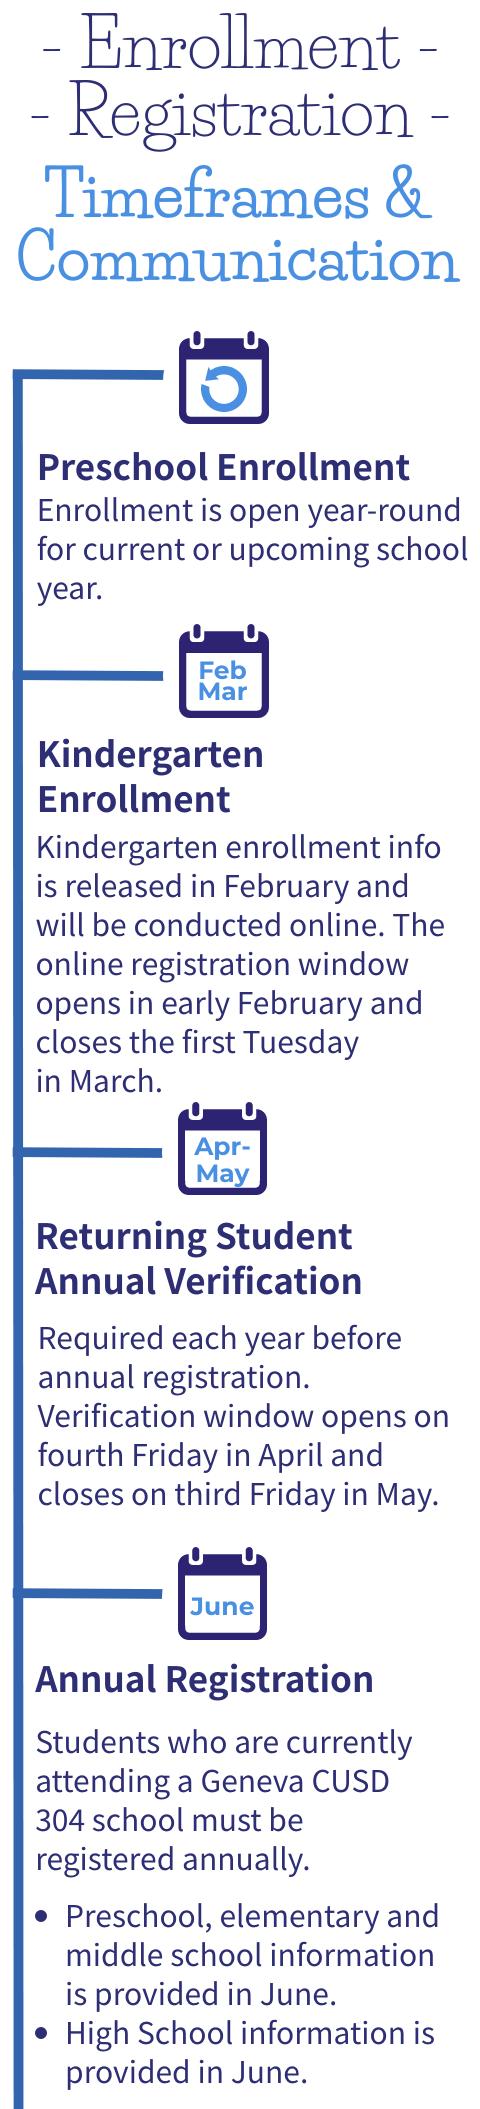 2021-22 Enrollment Timeline